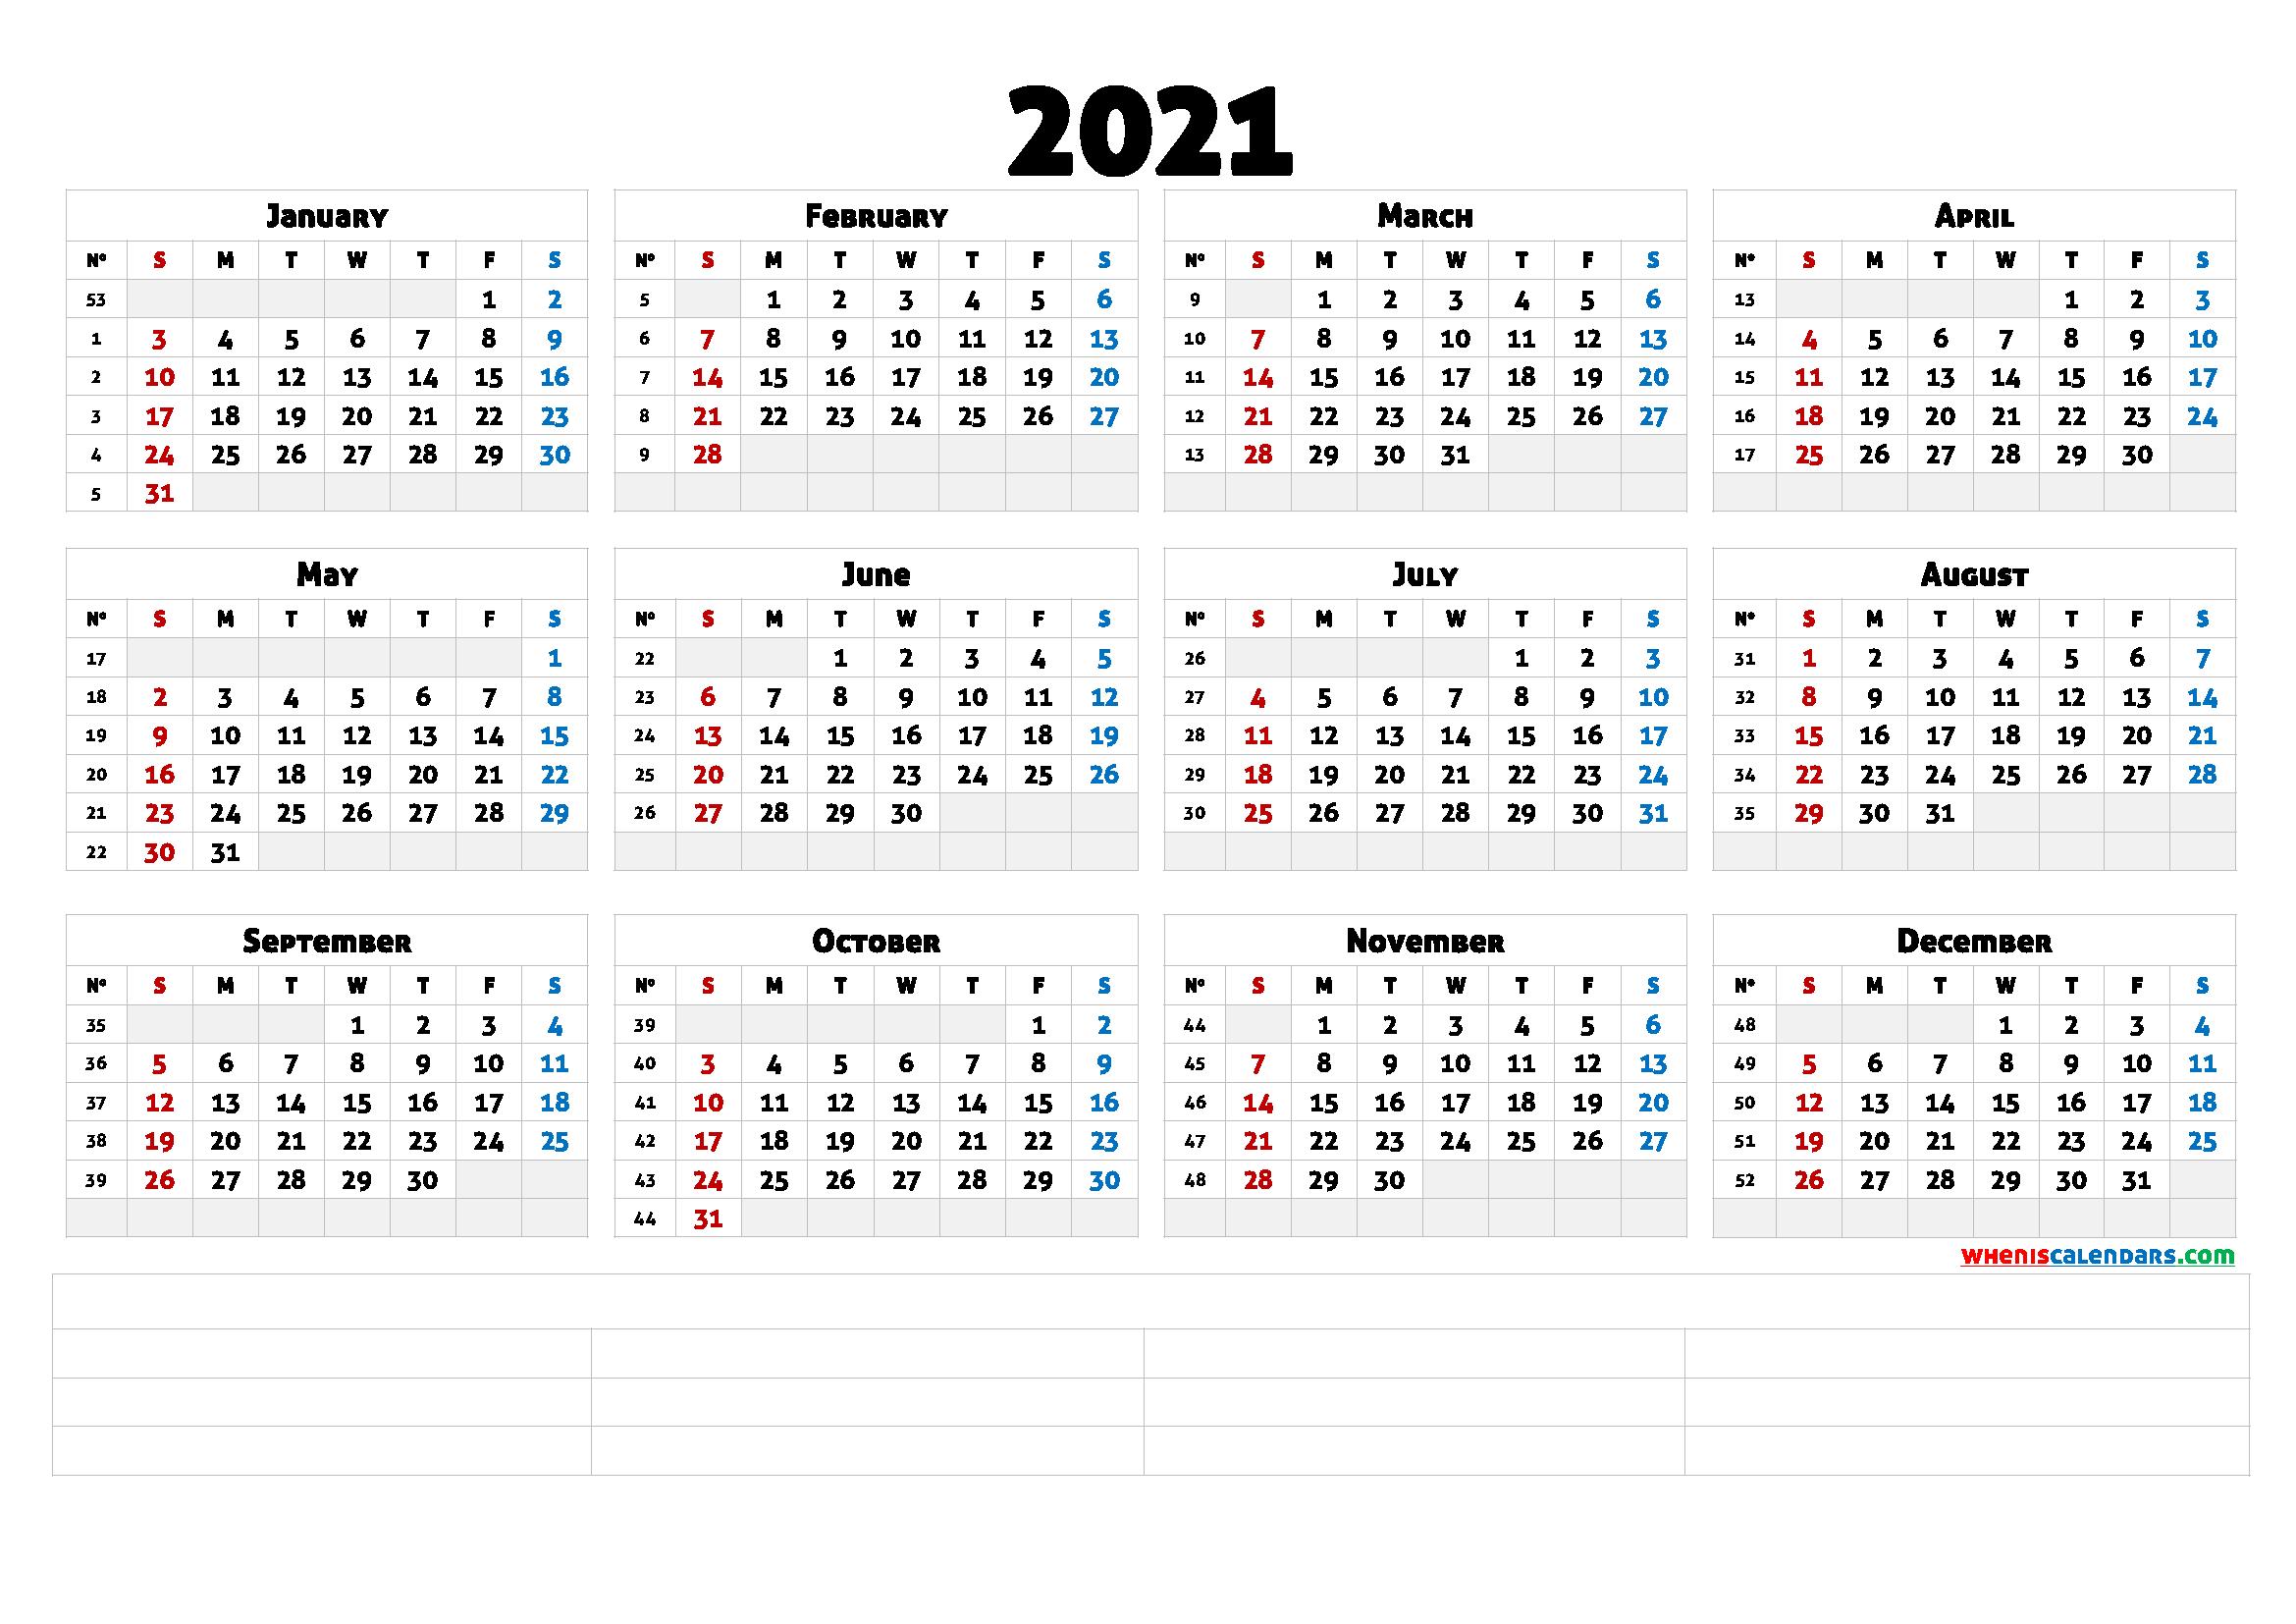 Printable 2021 Calendar With Week Numbers (6 Templates